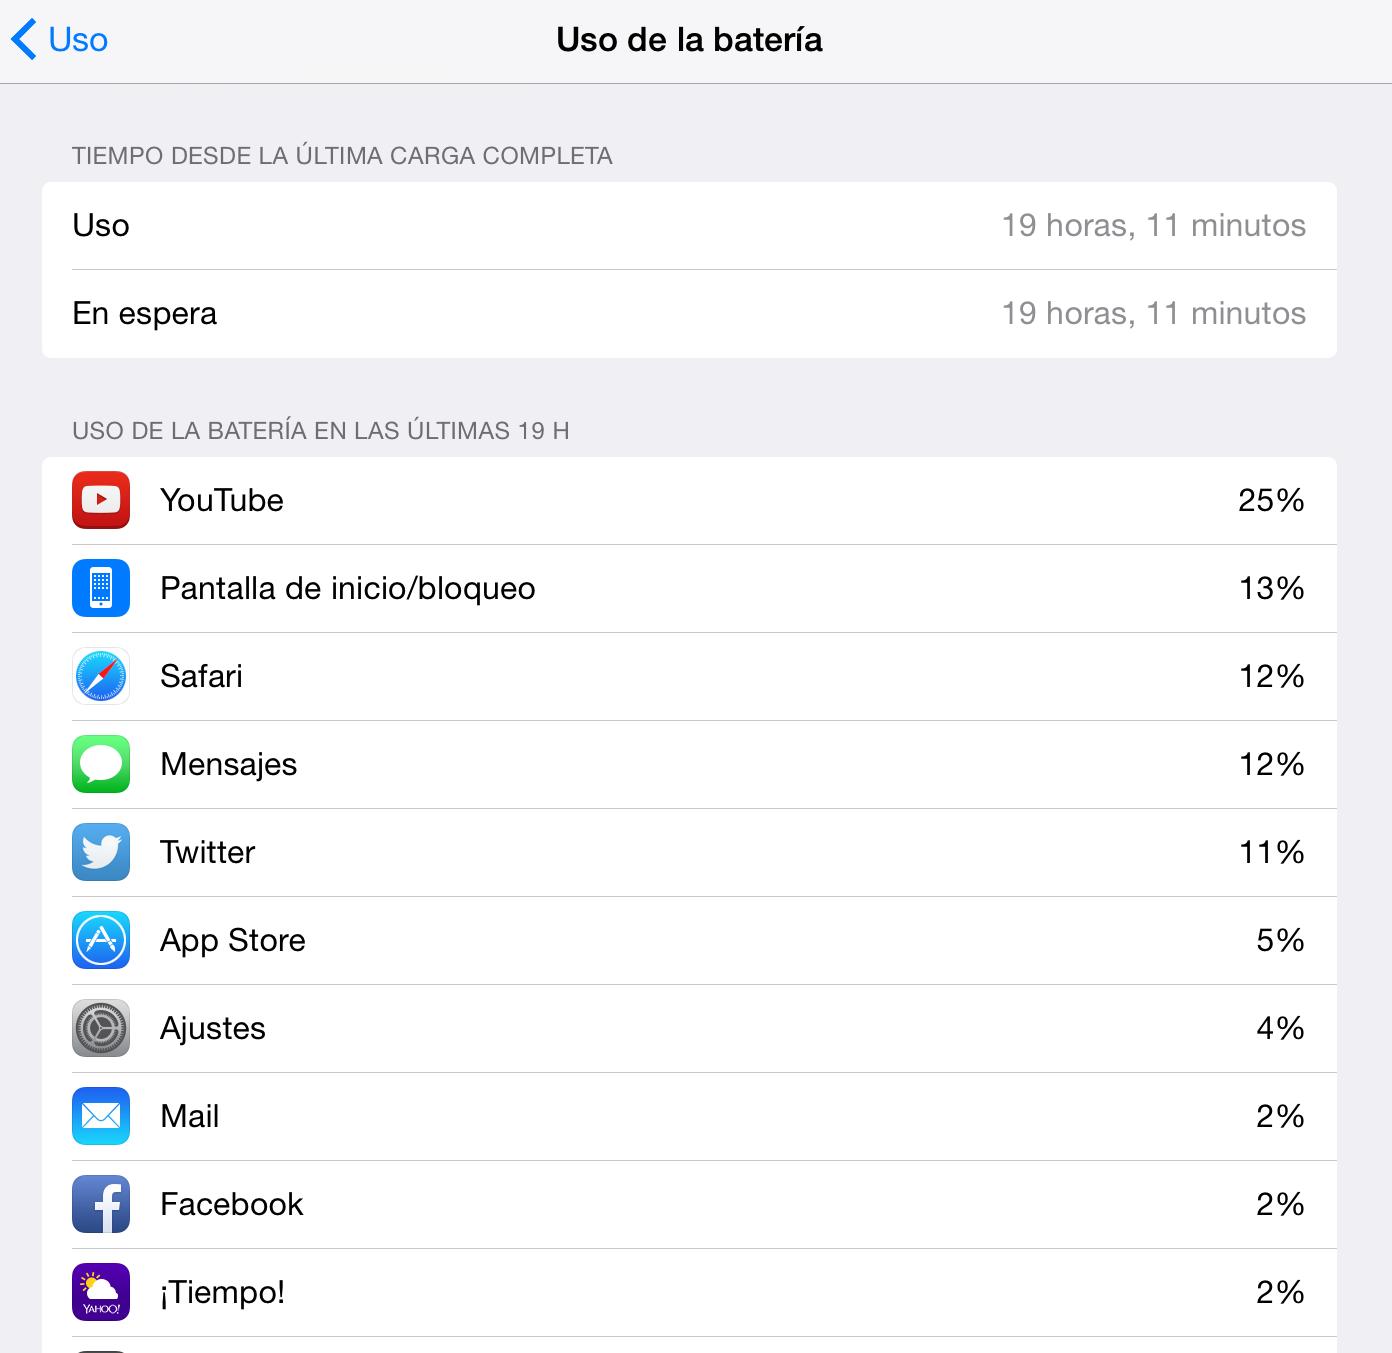 Consumo de batería en iOS 8